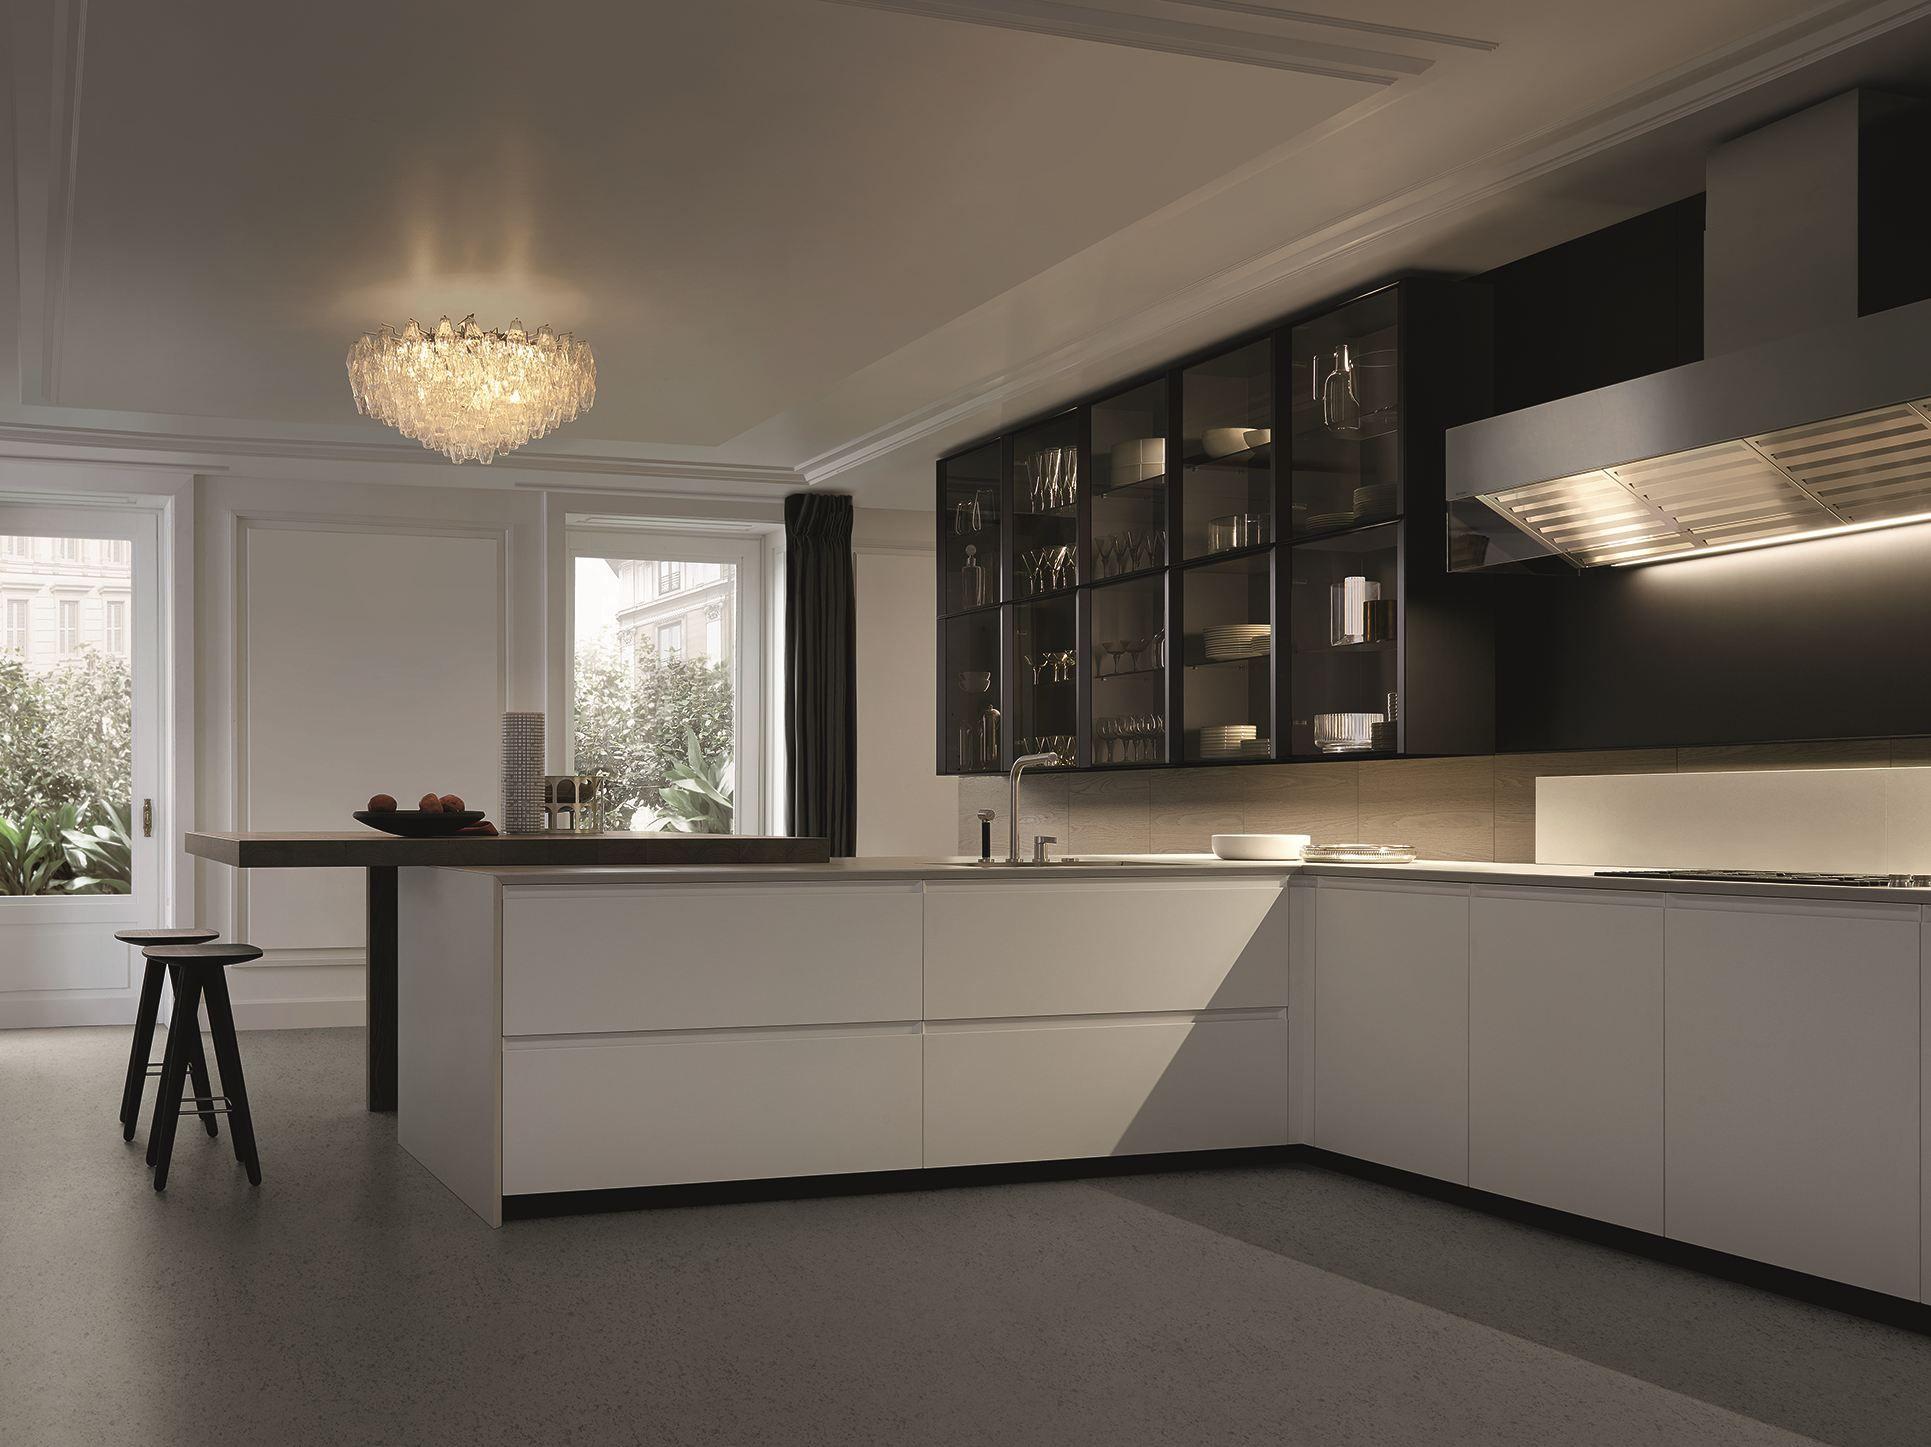 TRAIL, Cucina componibile in legno e vetro di Varenna - Elle Decor